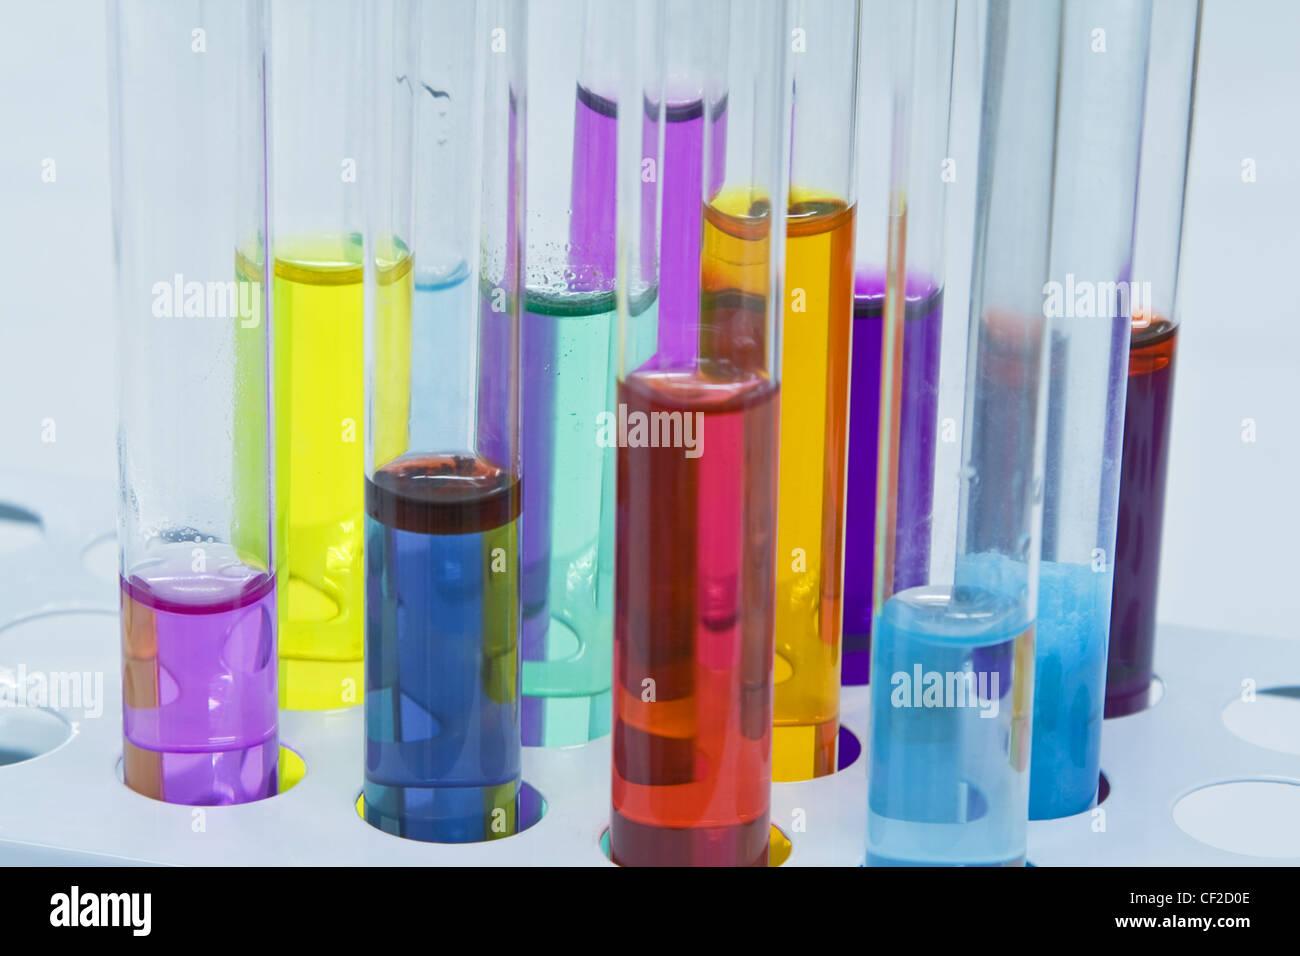 Immagine colorata di provette stand; non modificata di illuminazione